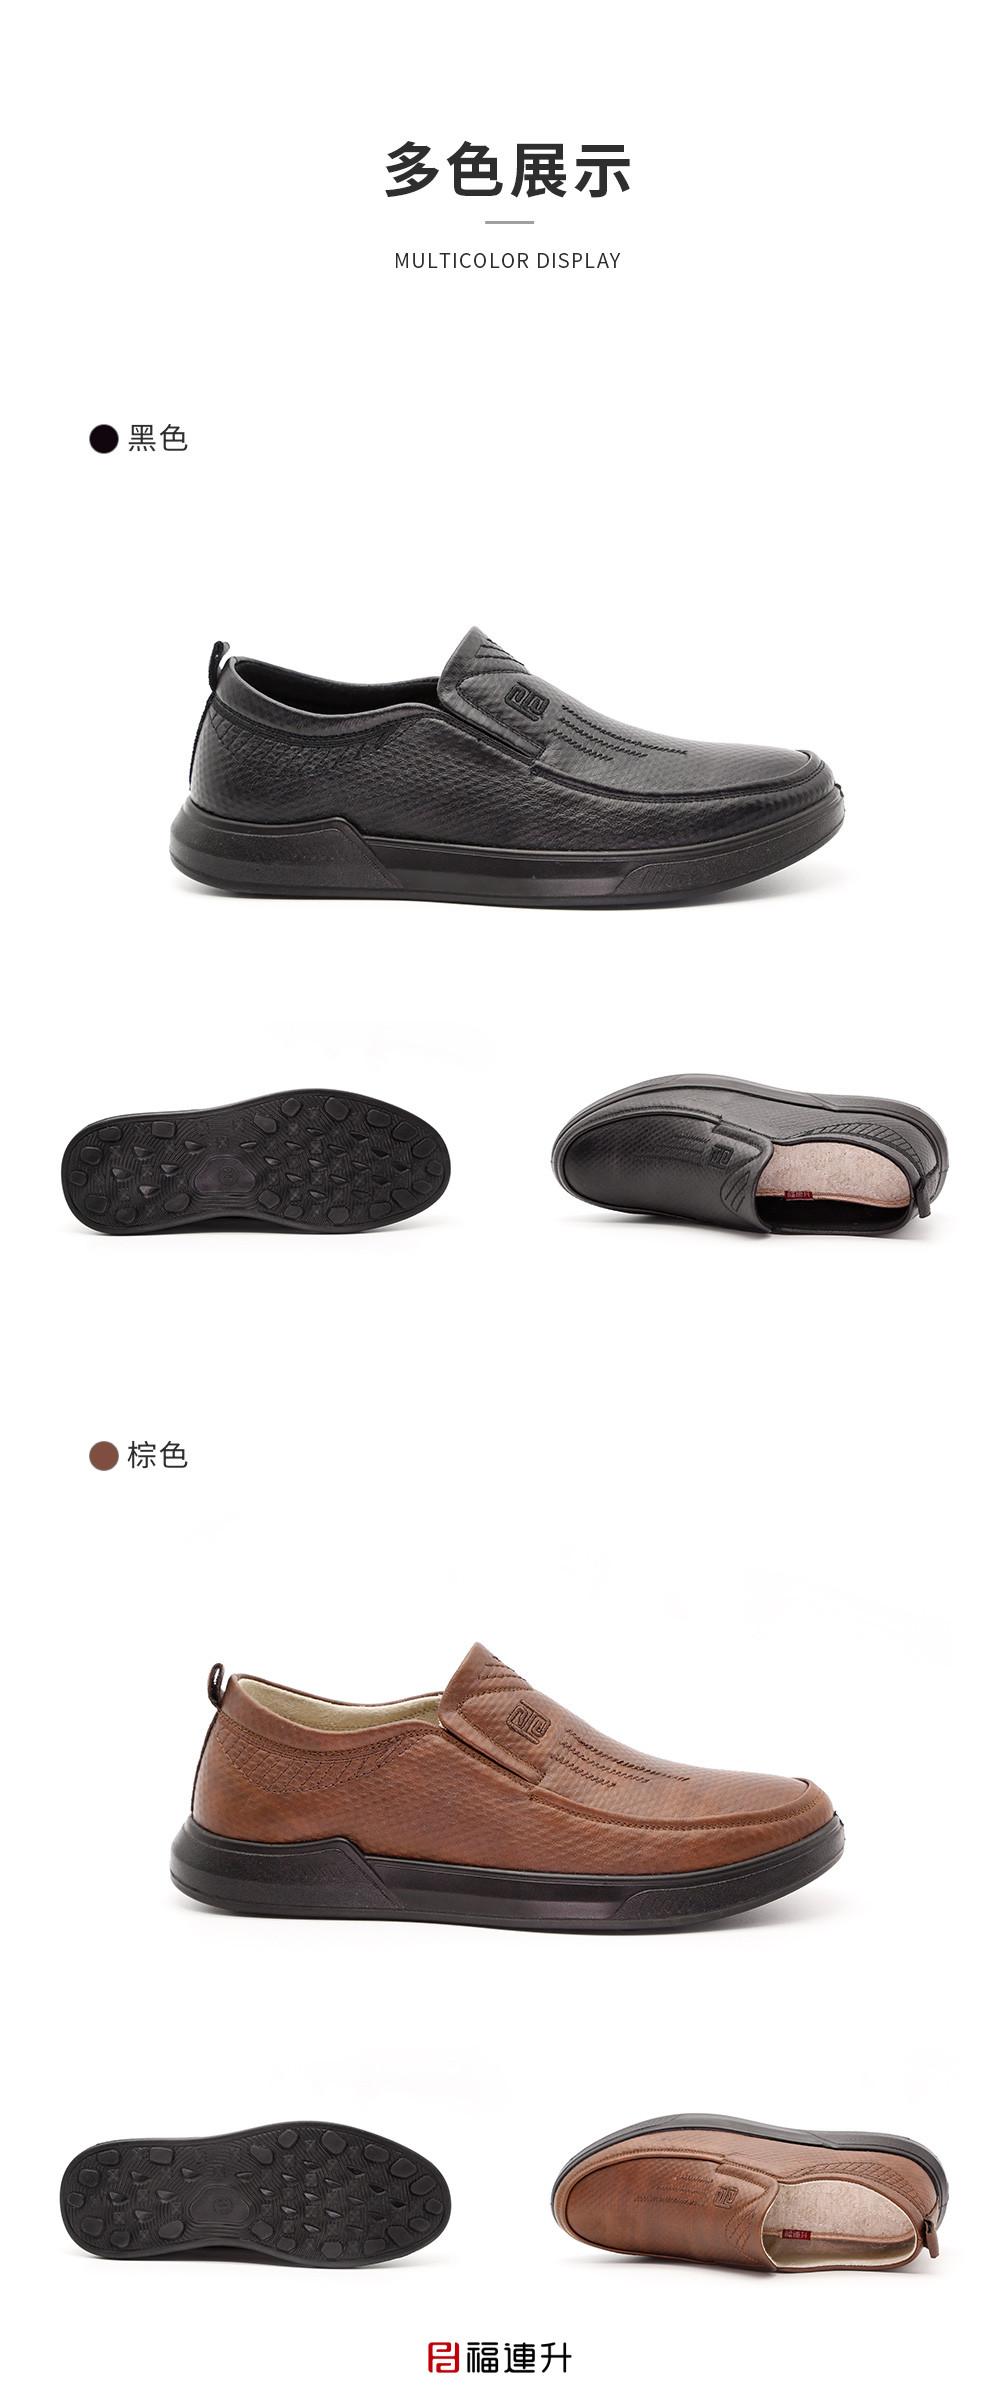 福连升男鞋透气舒适棉麻百搭男士休闲鞋图片